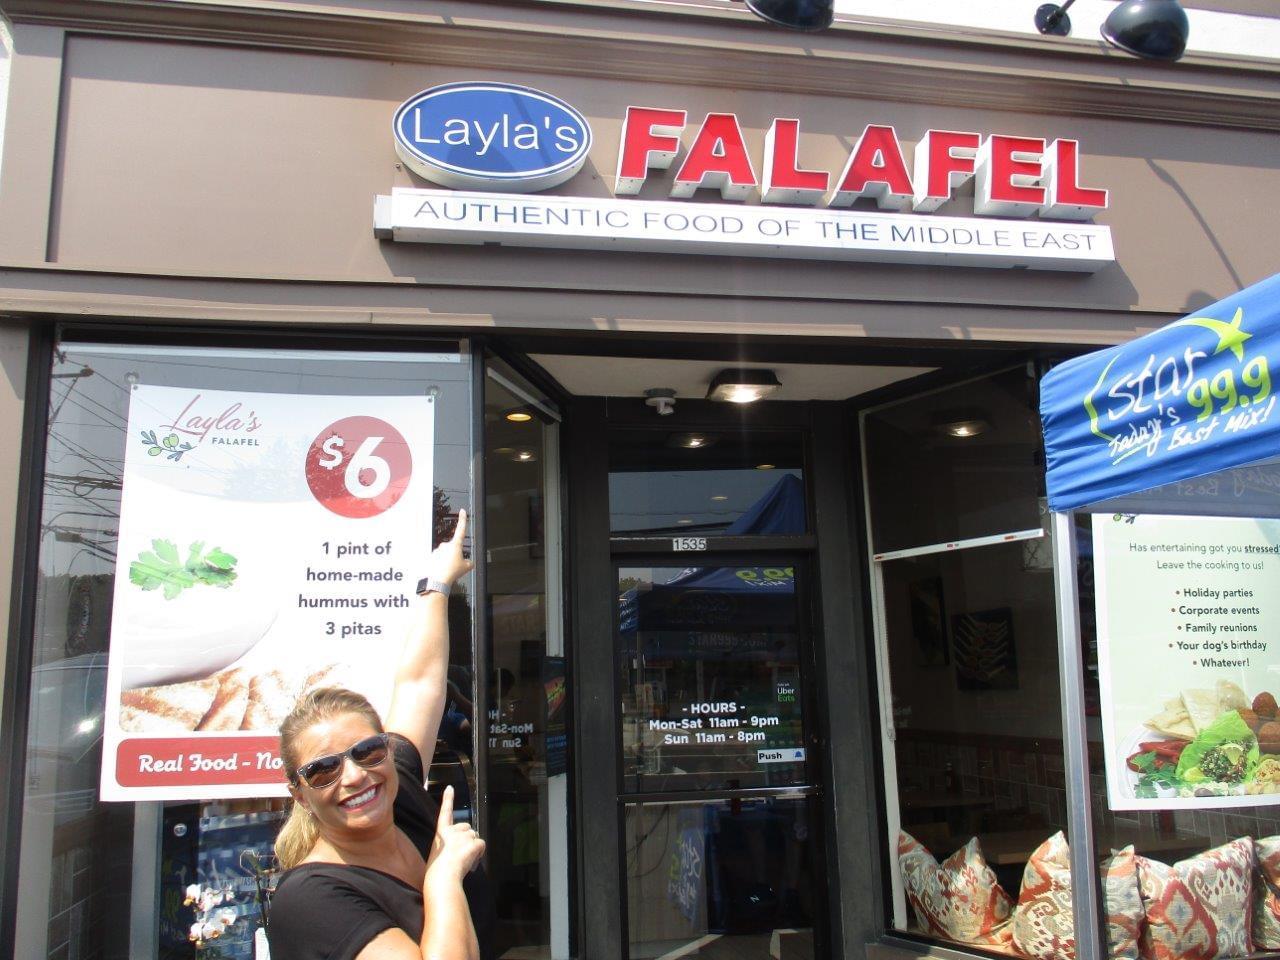 Layala's Falafel 7/27/19